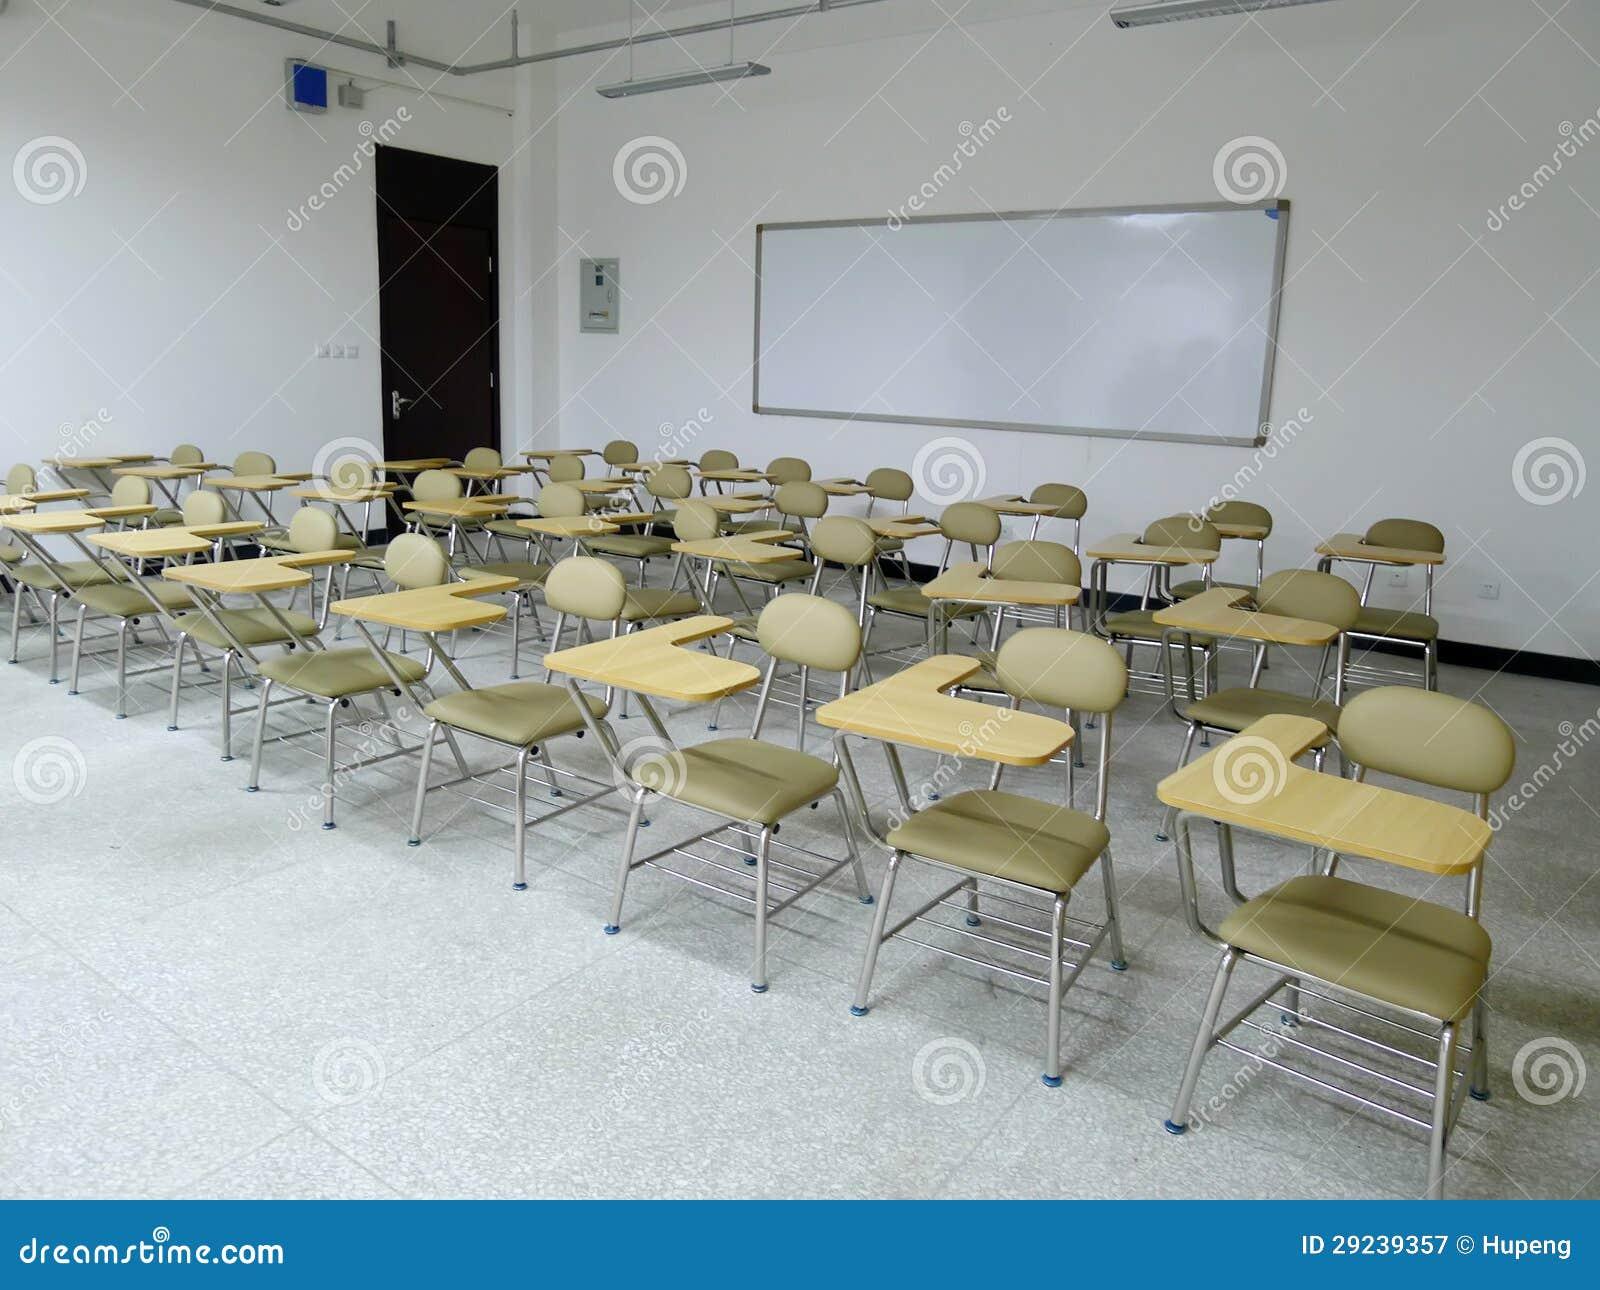 Download Sala de aula imagem de stock. Imagem de cadeira, arquitetura - 29239357